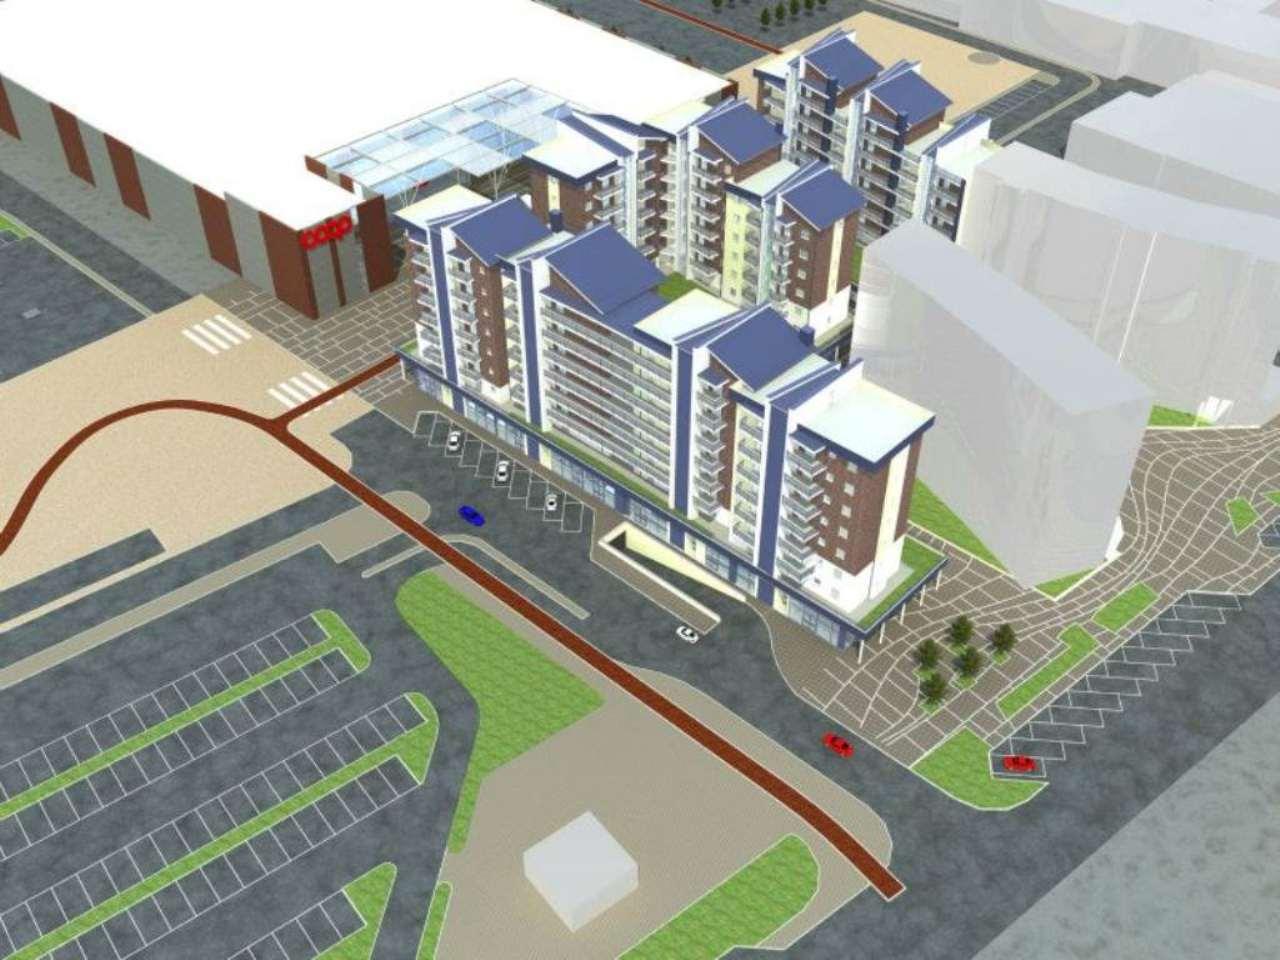 Immagine immobiliare Locale commerciale Lotto 17Locale commerciale open space di nuova costruzione a pochi passi dalla fermata Fermi della metropolitana e dall'area dove sorgerà la Coop.L'area commerciale si sviluppa attorno ad un contesto...